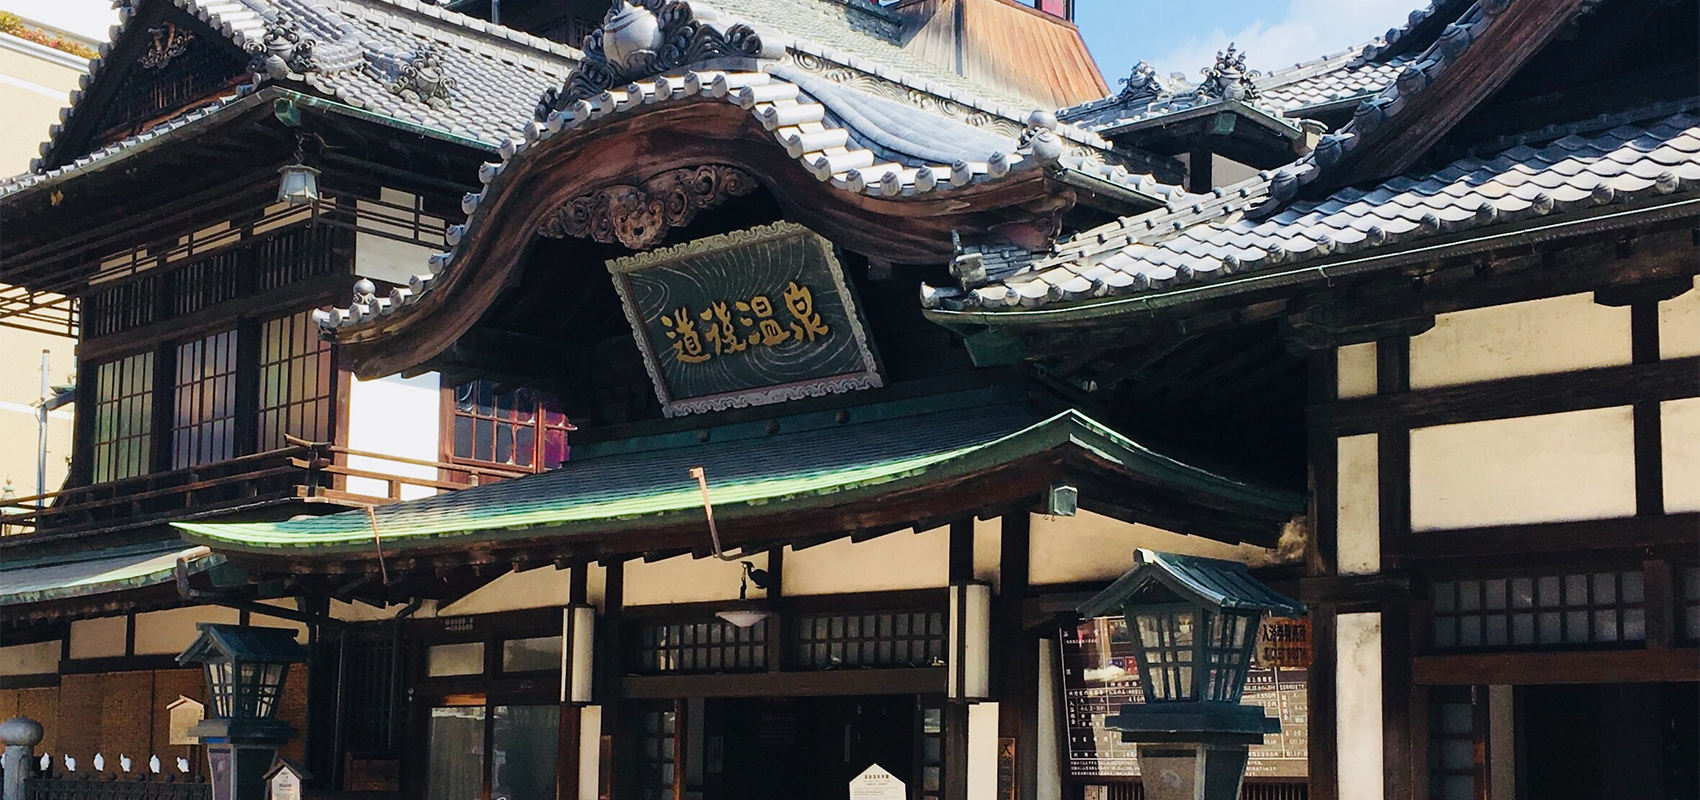 愛媛県松山市の宿泊施設「Bed&Breakfast さかのうえ」